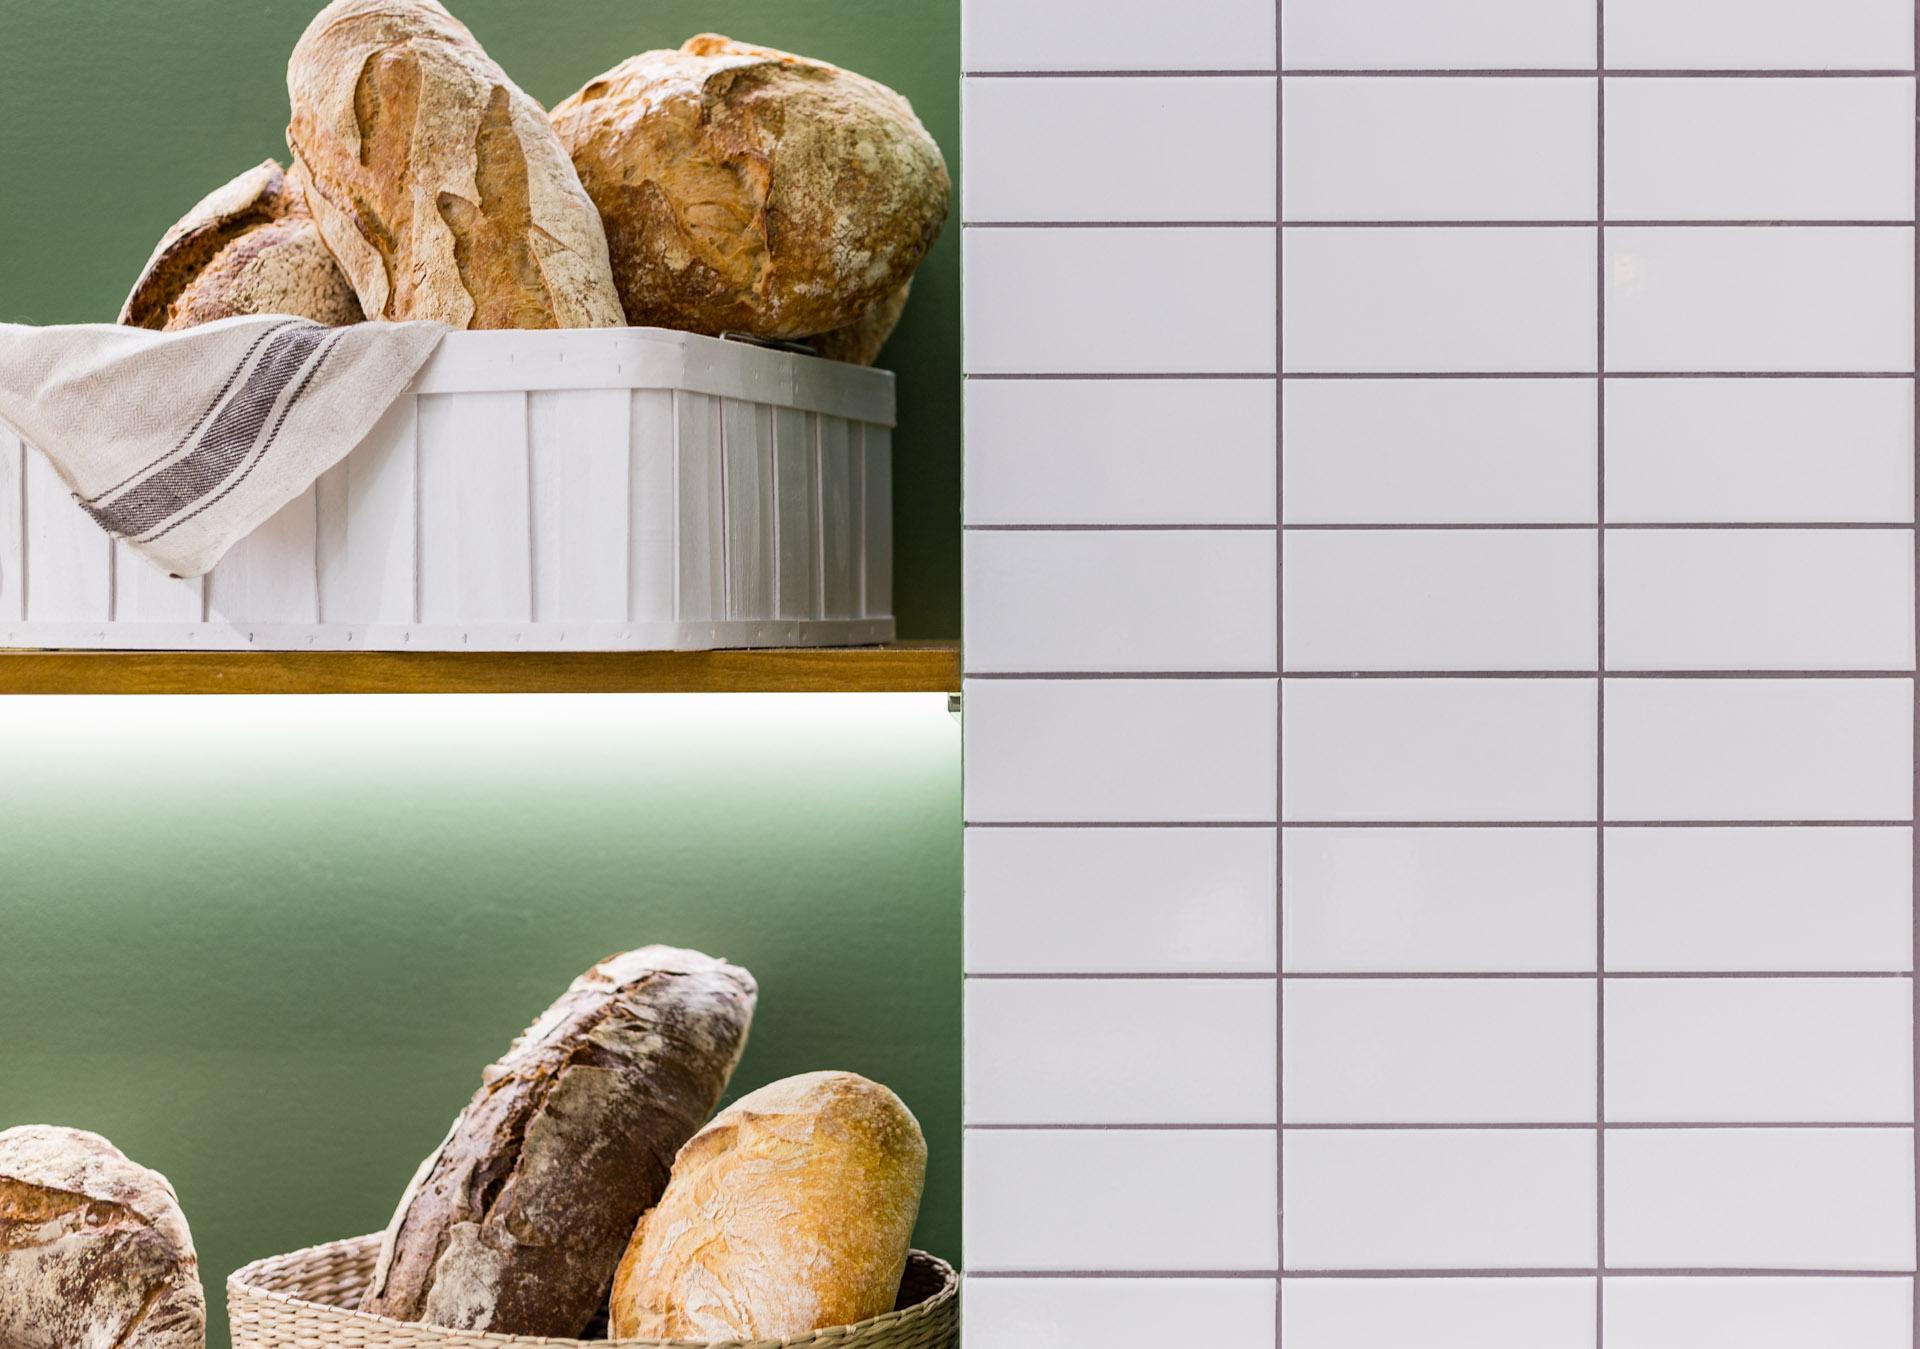 Pastelería d´Carlo   Encaixe Arquitectura - Pastelería d´Carlo   Encaixe Arquitectura  Jose Chas